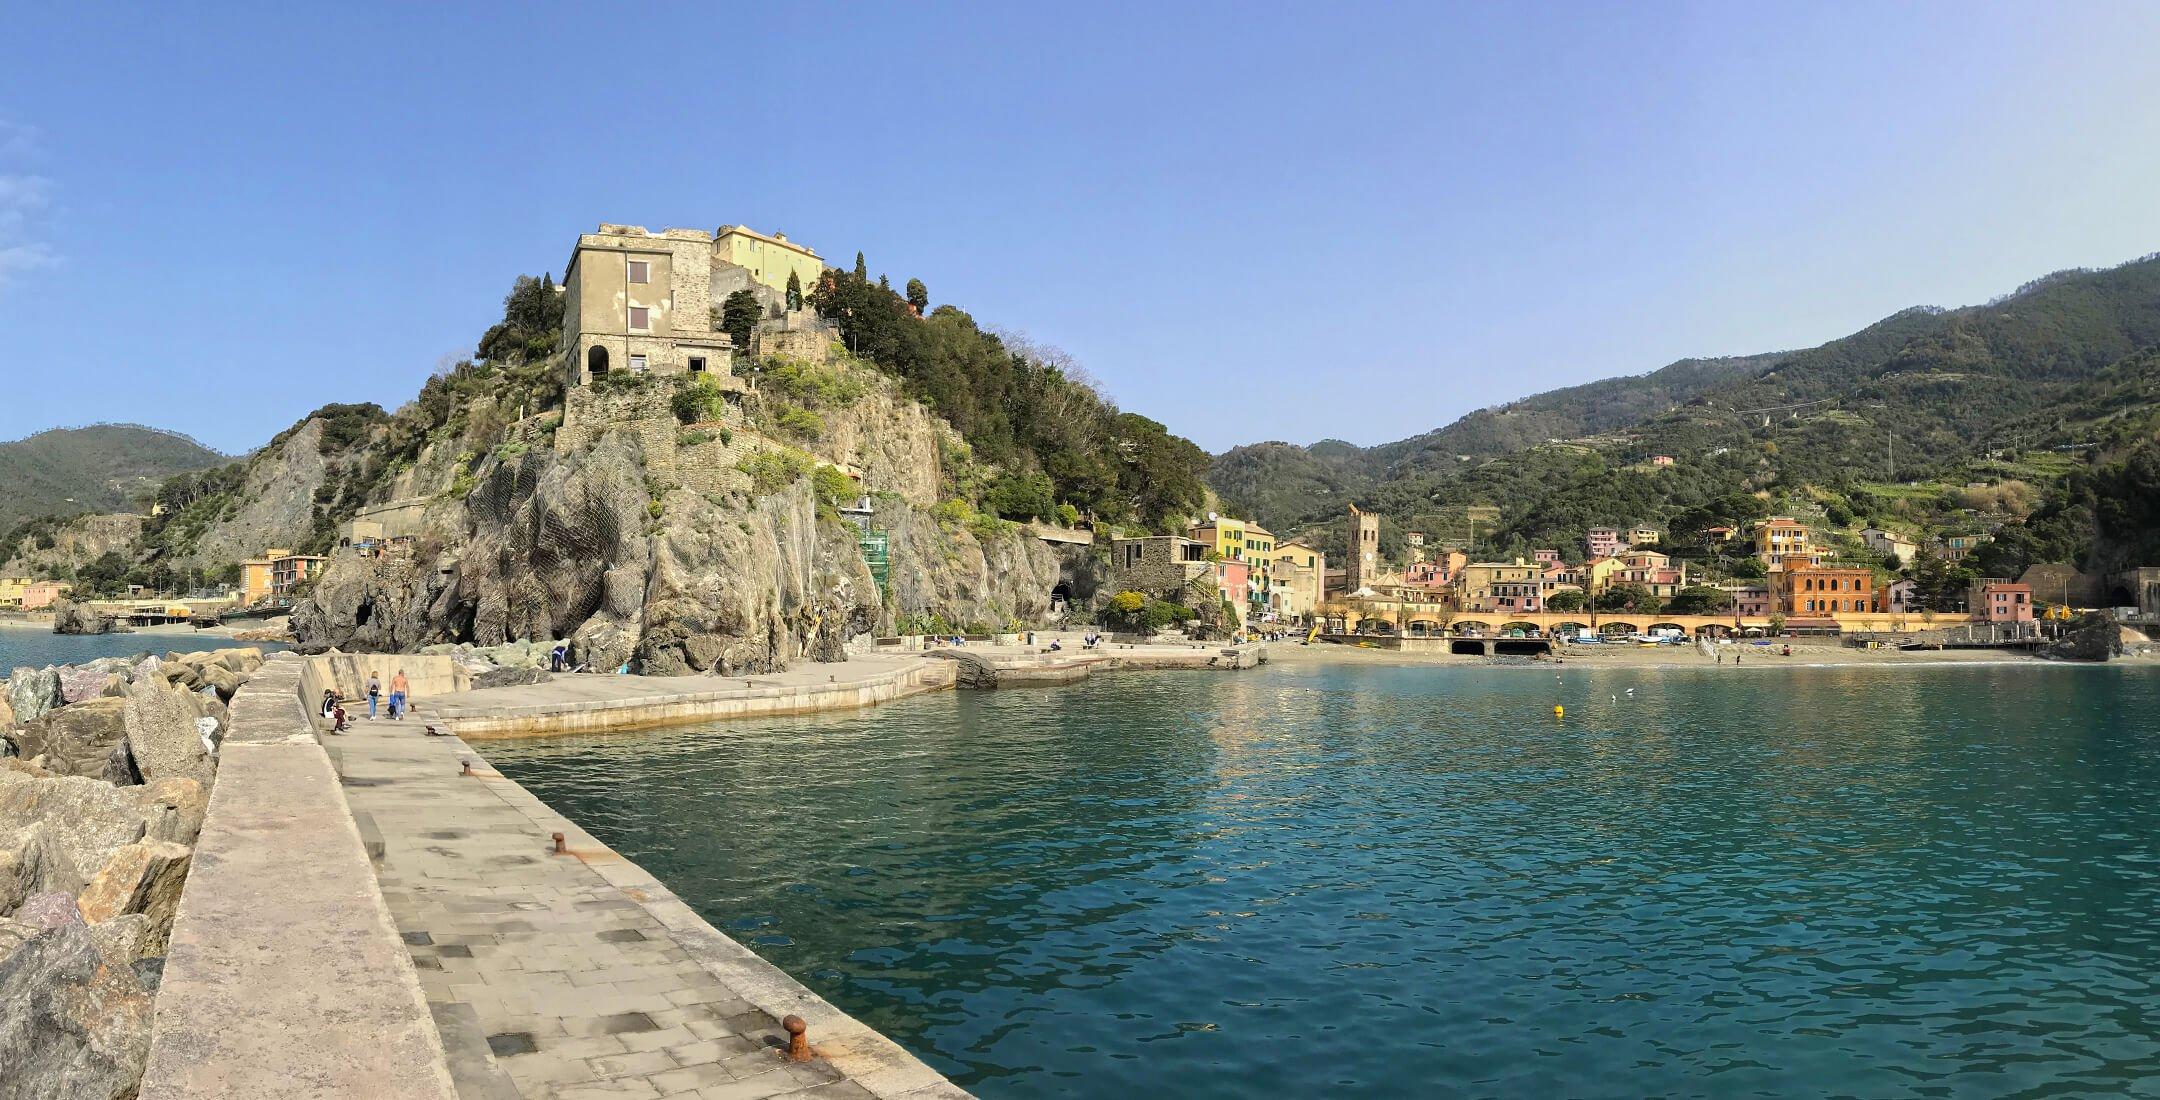 Darsena di Monterosso al Mare